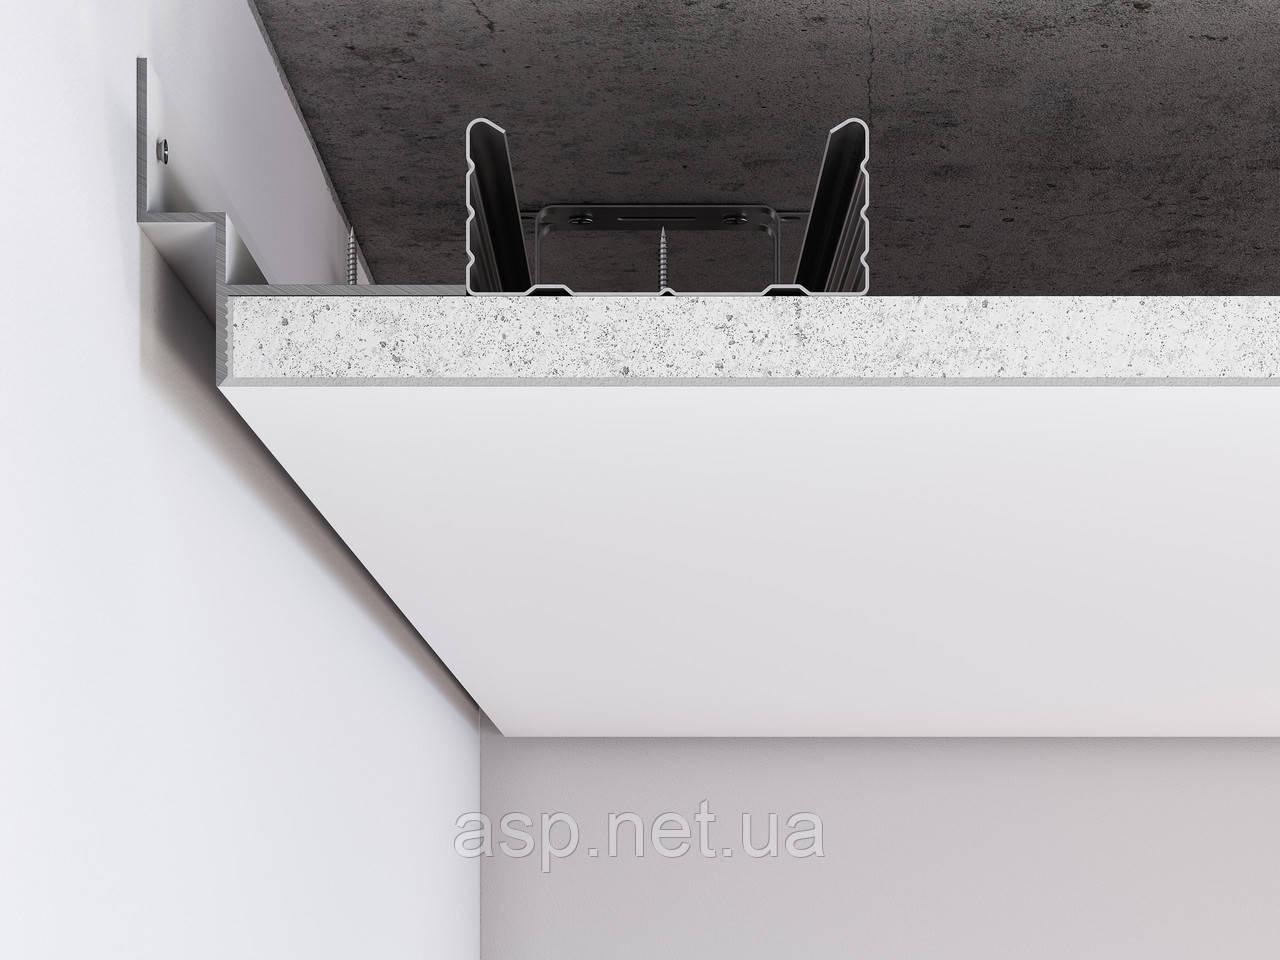 Алюминиевый профиль теневого шва по периметру примыкания стена-потолок для шва 12 мм. Алюминий без покрытия